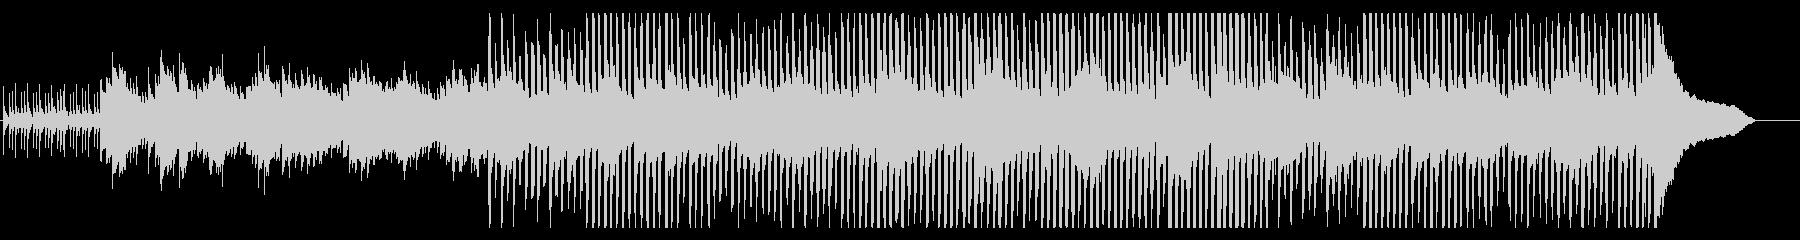 落ち着いたビジネス系コーポレート・90秒の未再生の波形